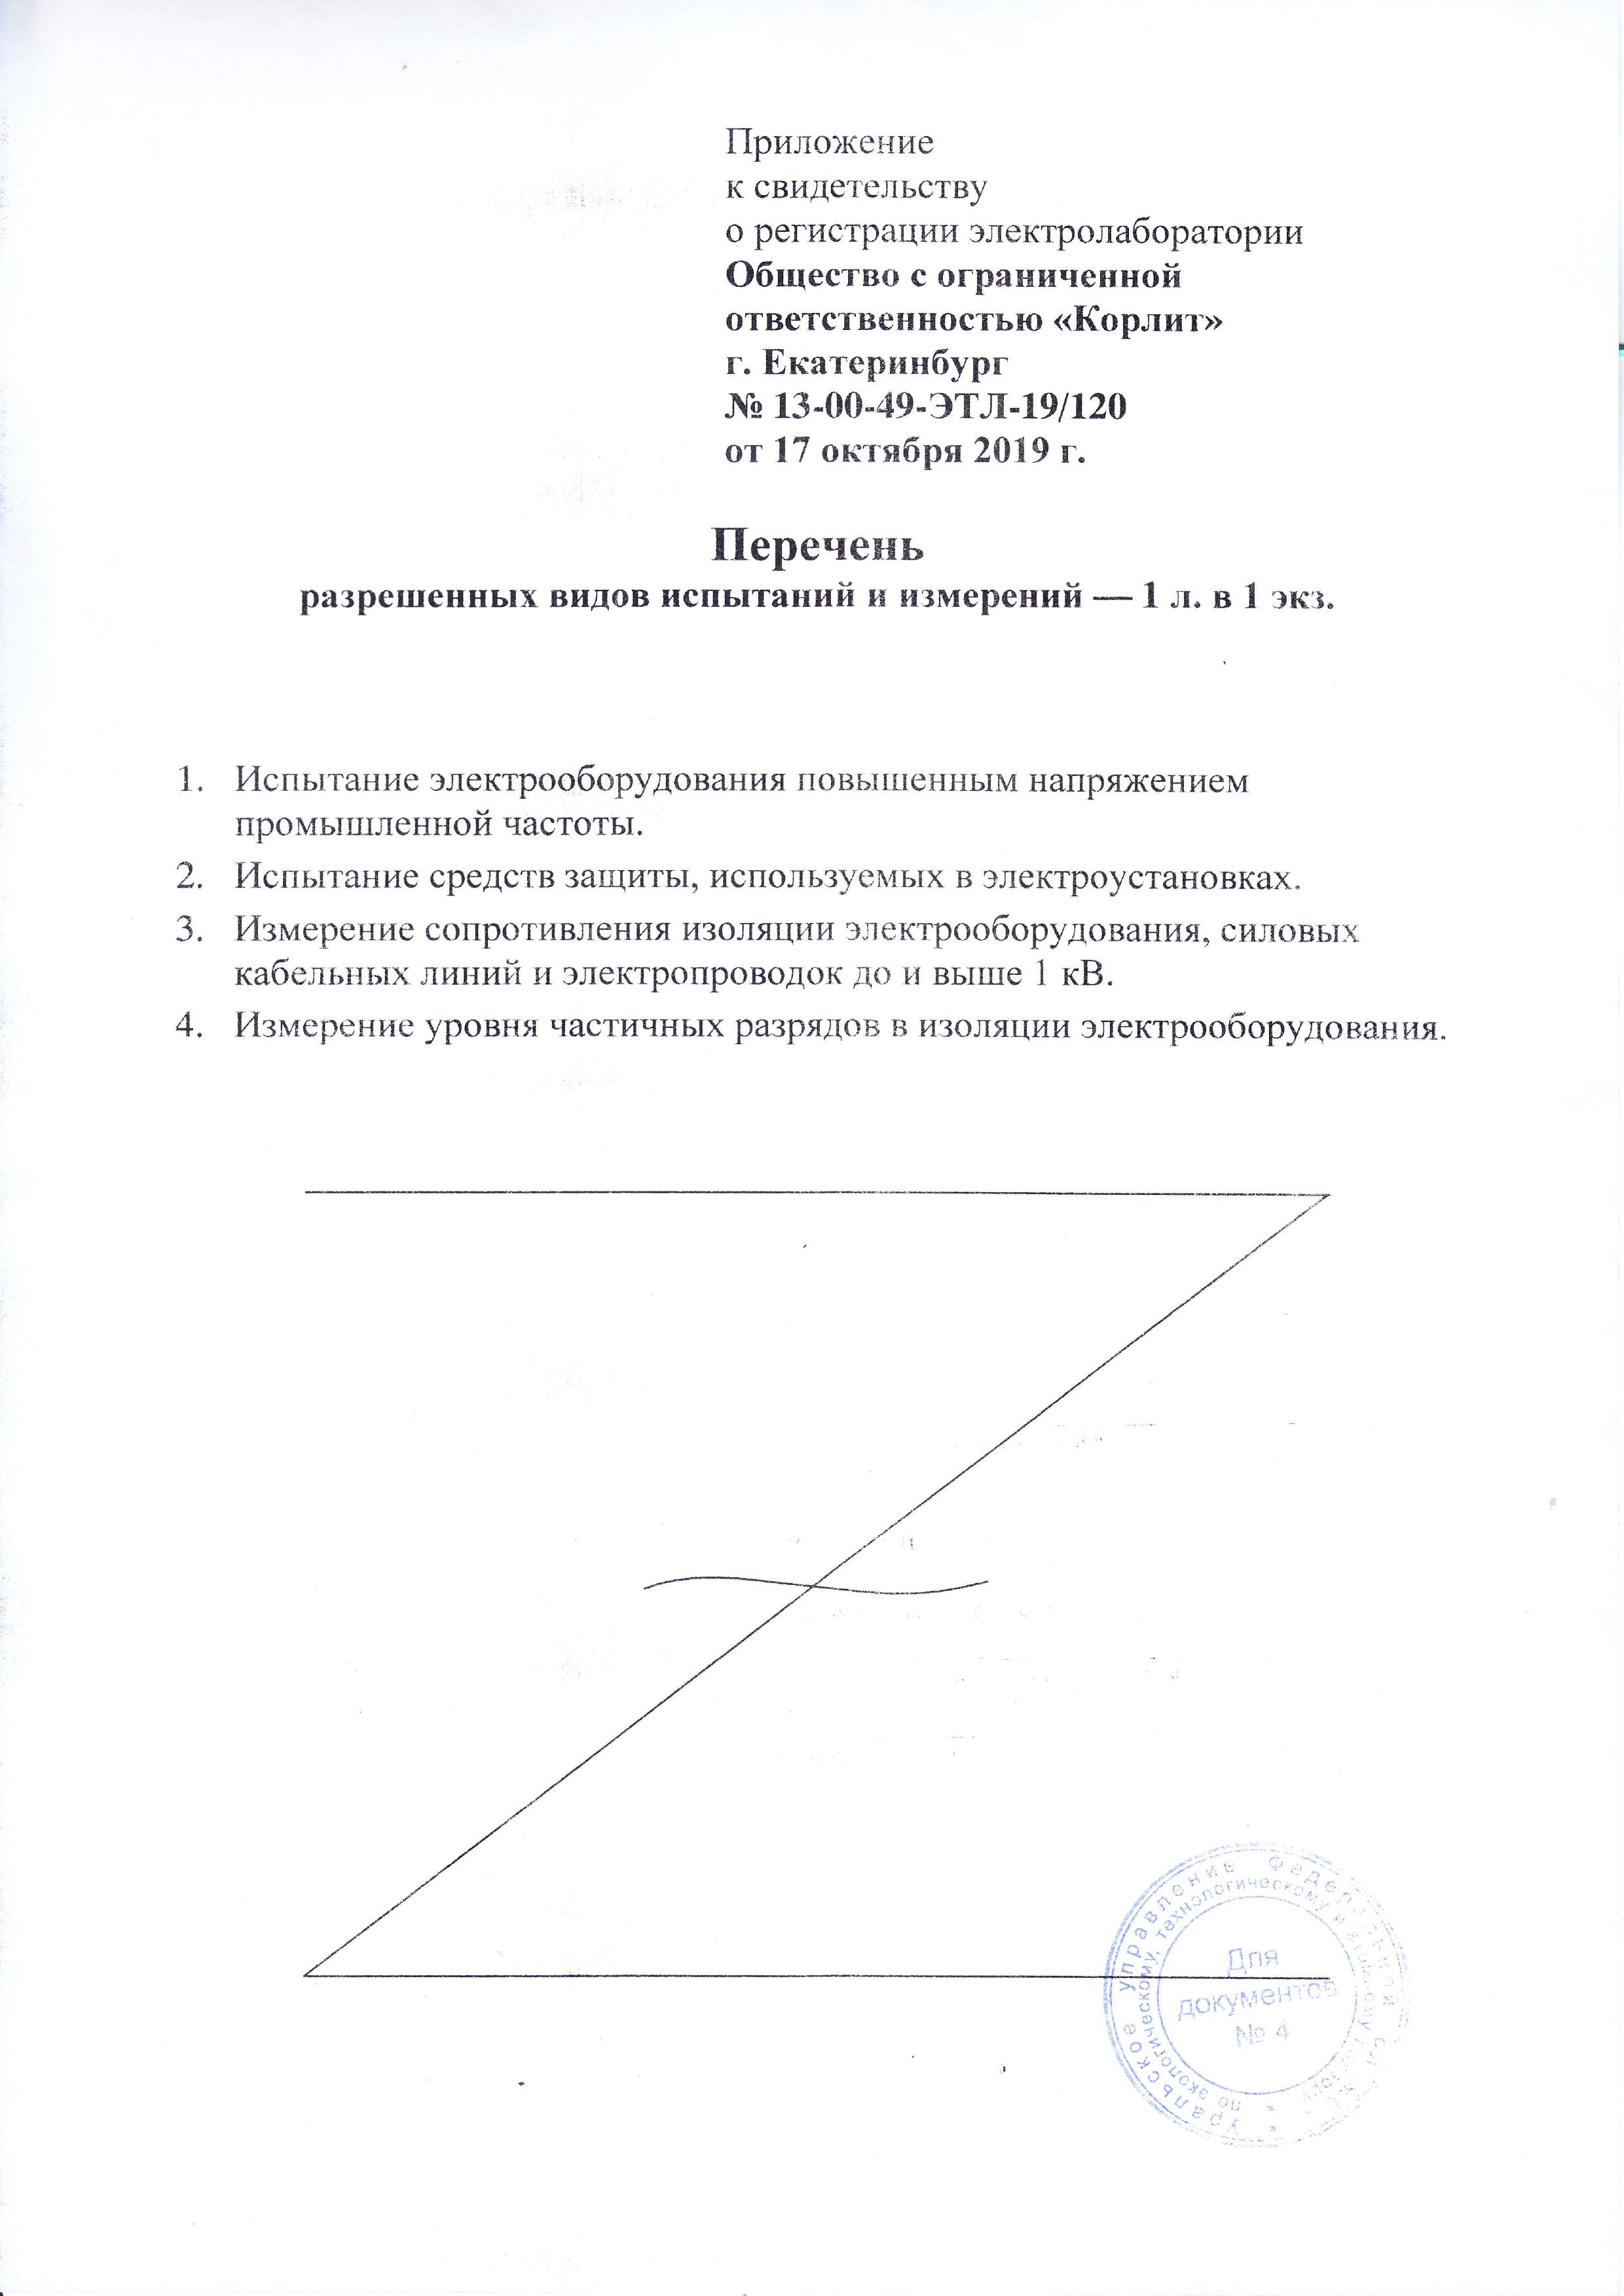 Свидетельство о регистрации лаборатории 2л